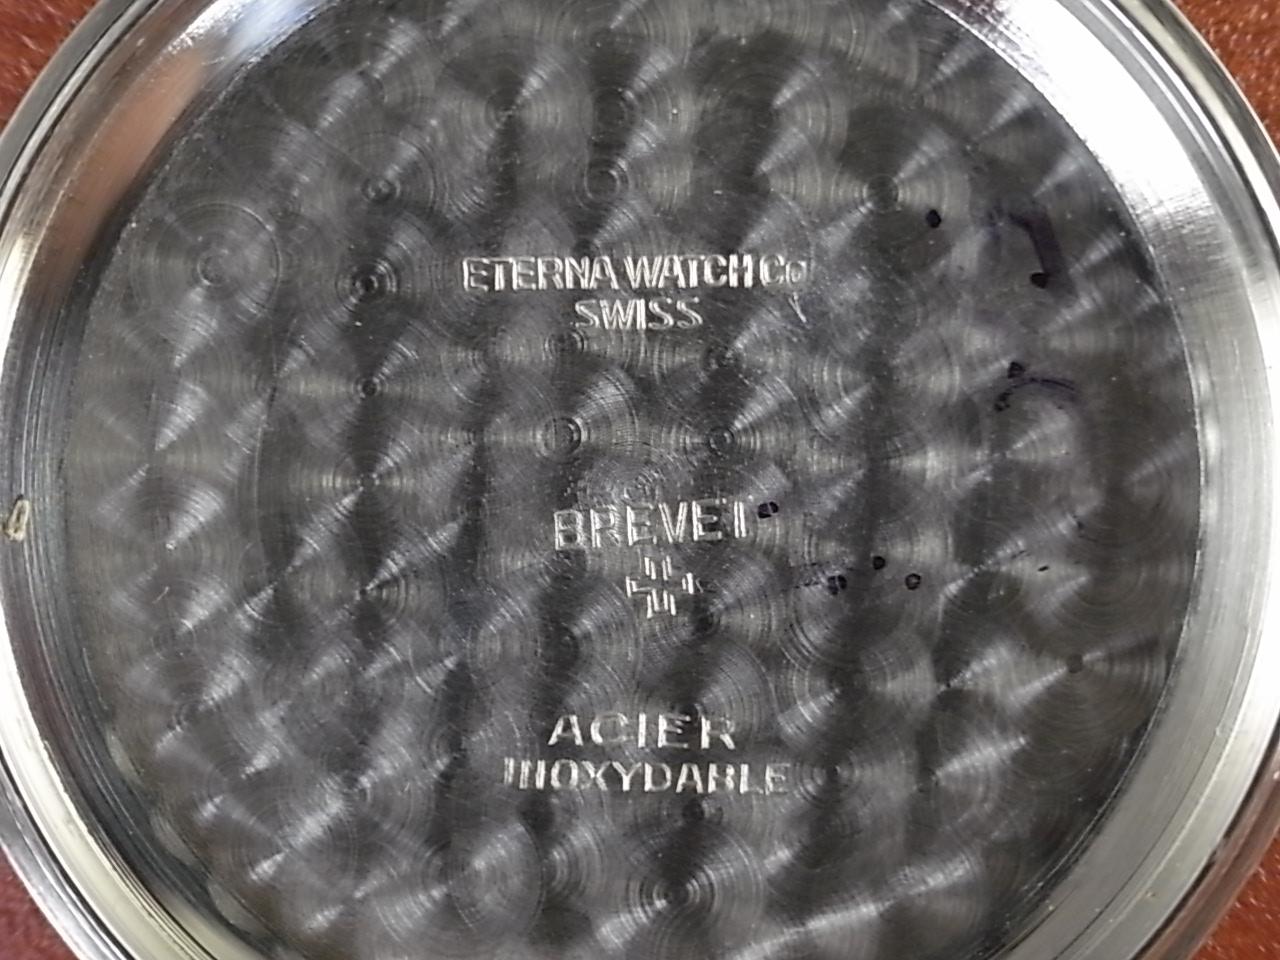 エテルナ ラージクッションケース ブラックミラーダイアル 1940年代の写真6枚目